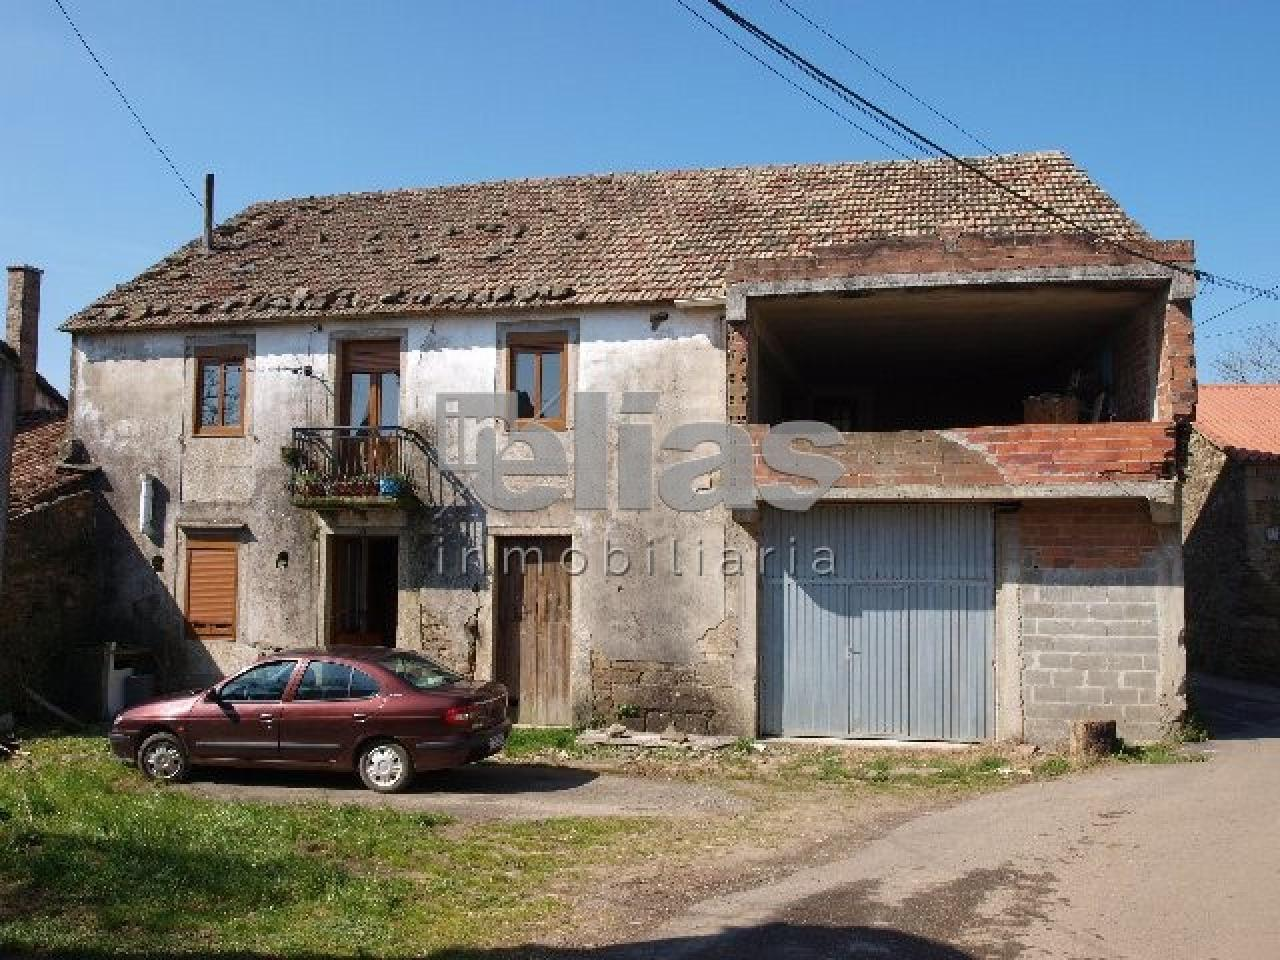 Casa en venta en zas – C000018